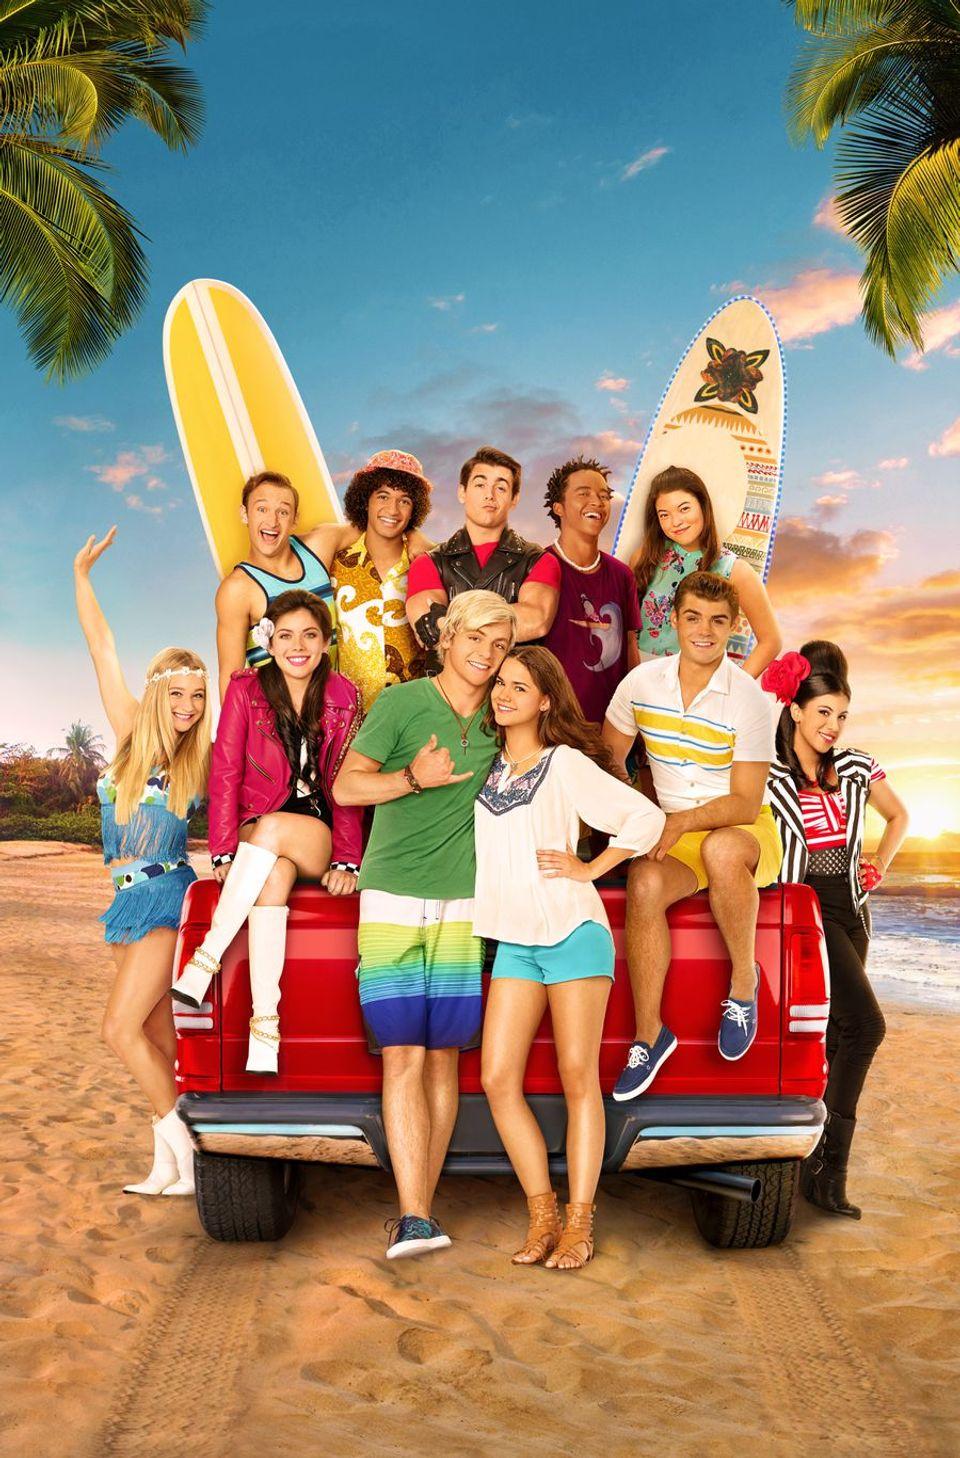 """ภ.ฝรั่ง """"หาดสวรรค์ วัยฝัน วันใส 2"""" (DISNEY TEEN BEACH 2)"""